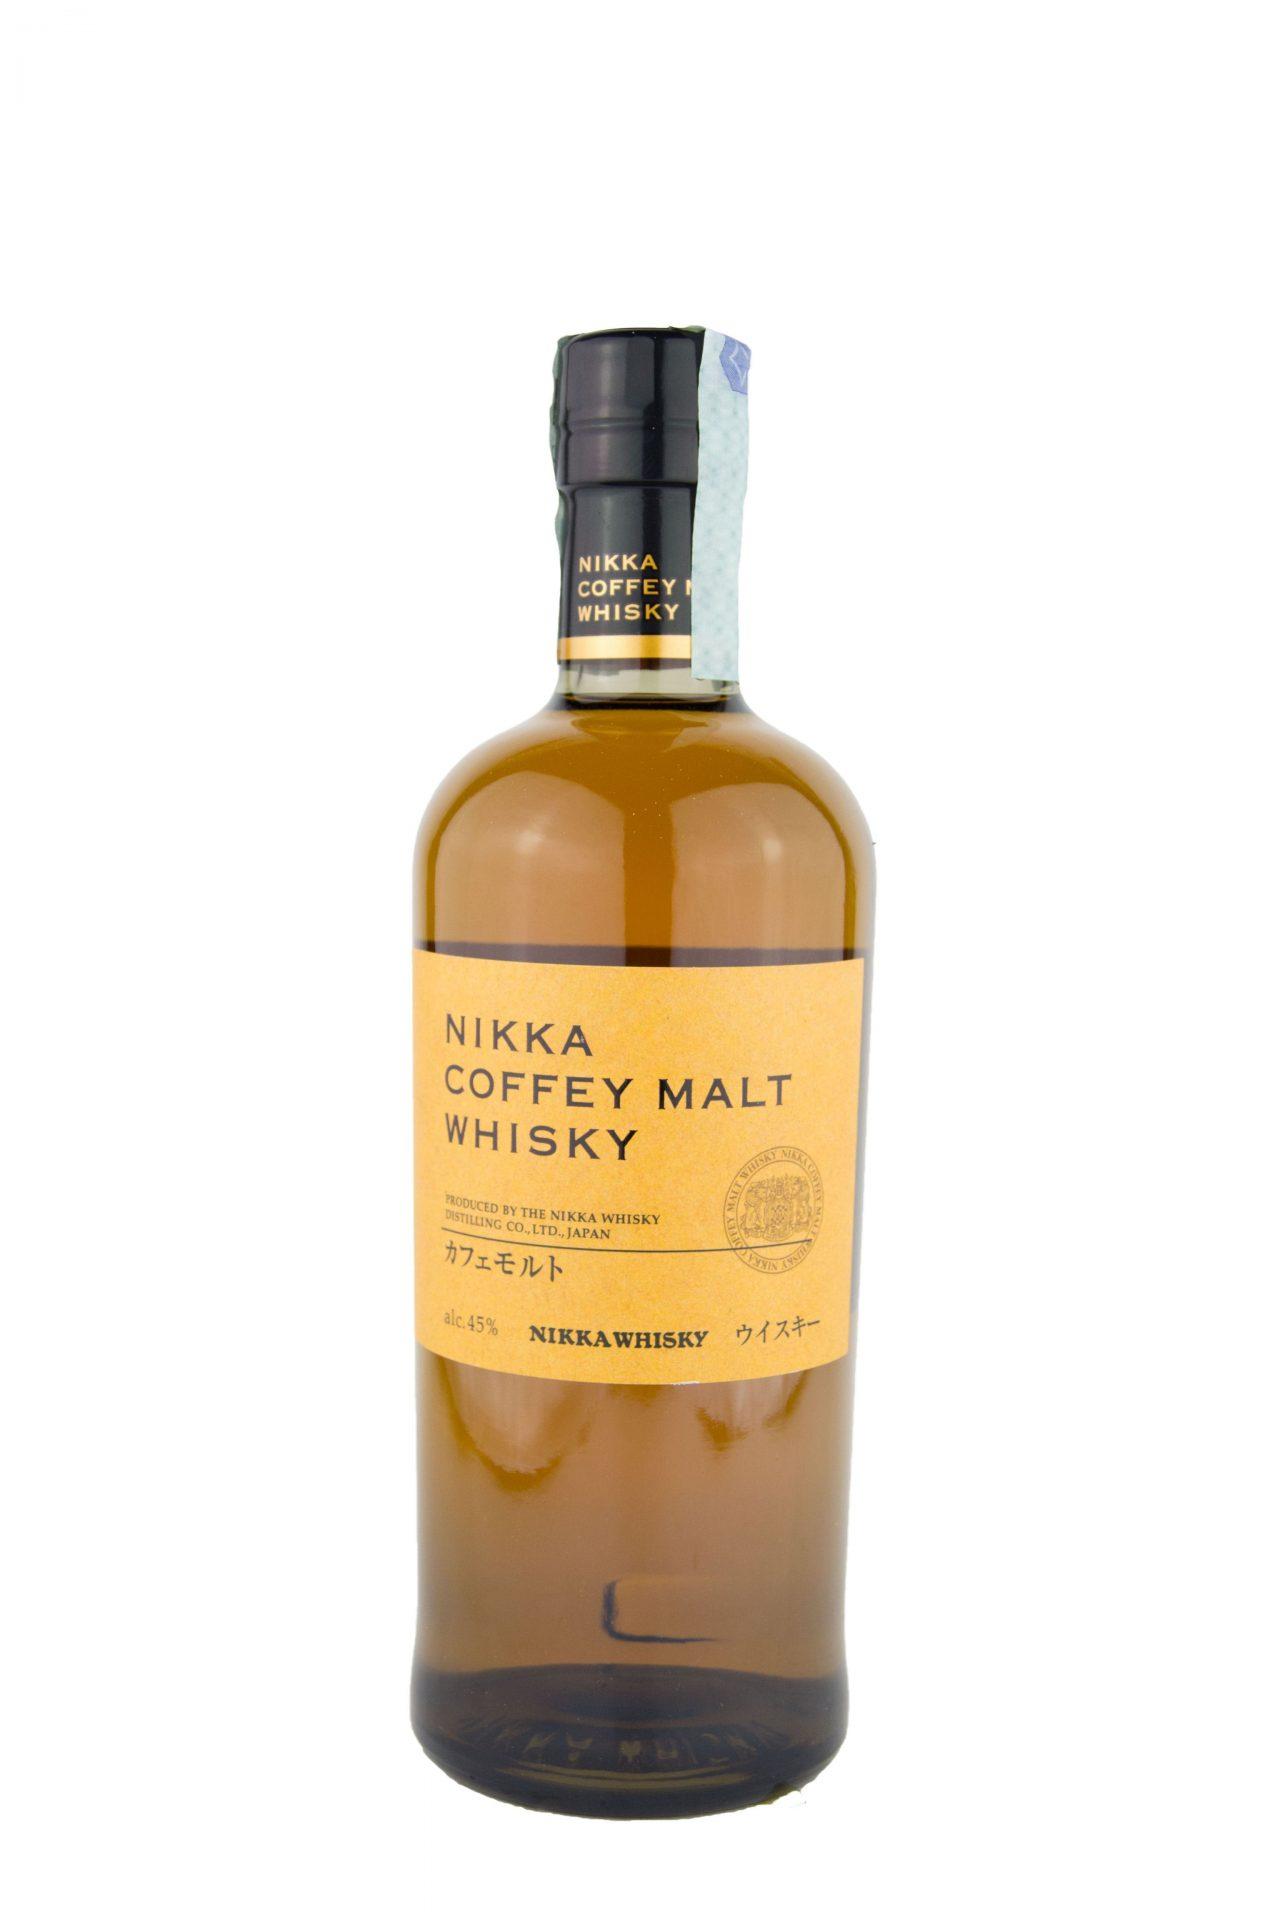 Nikka – Coffey Malt Whisky